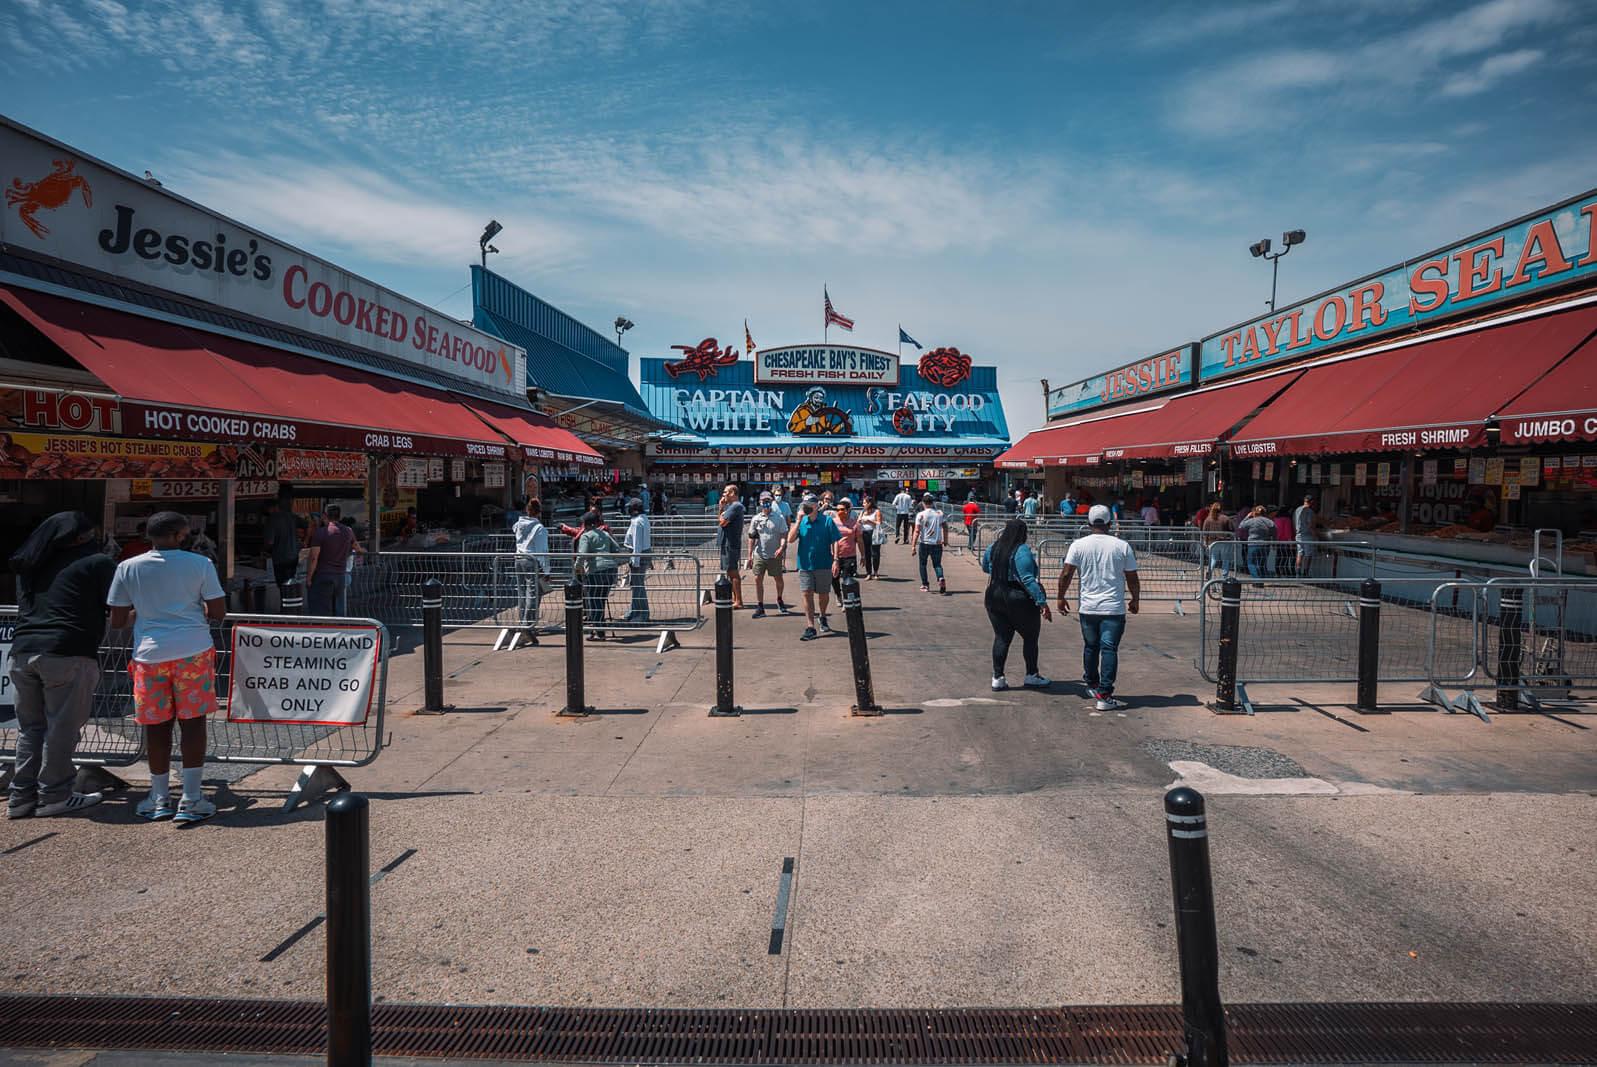 Municipal Fish Market in Washington DC Wharf area